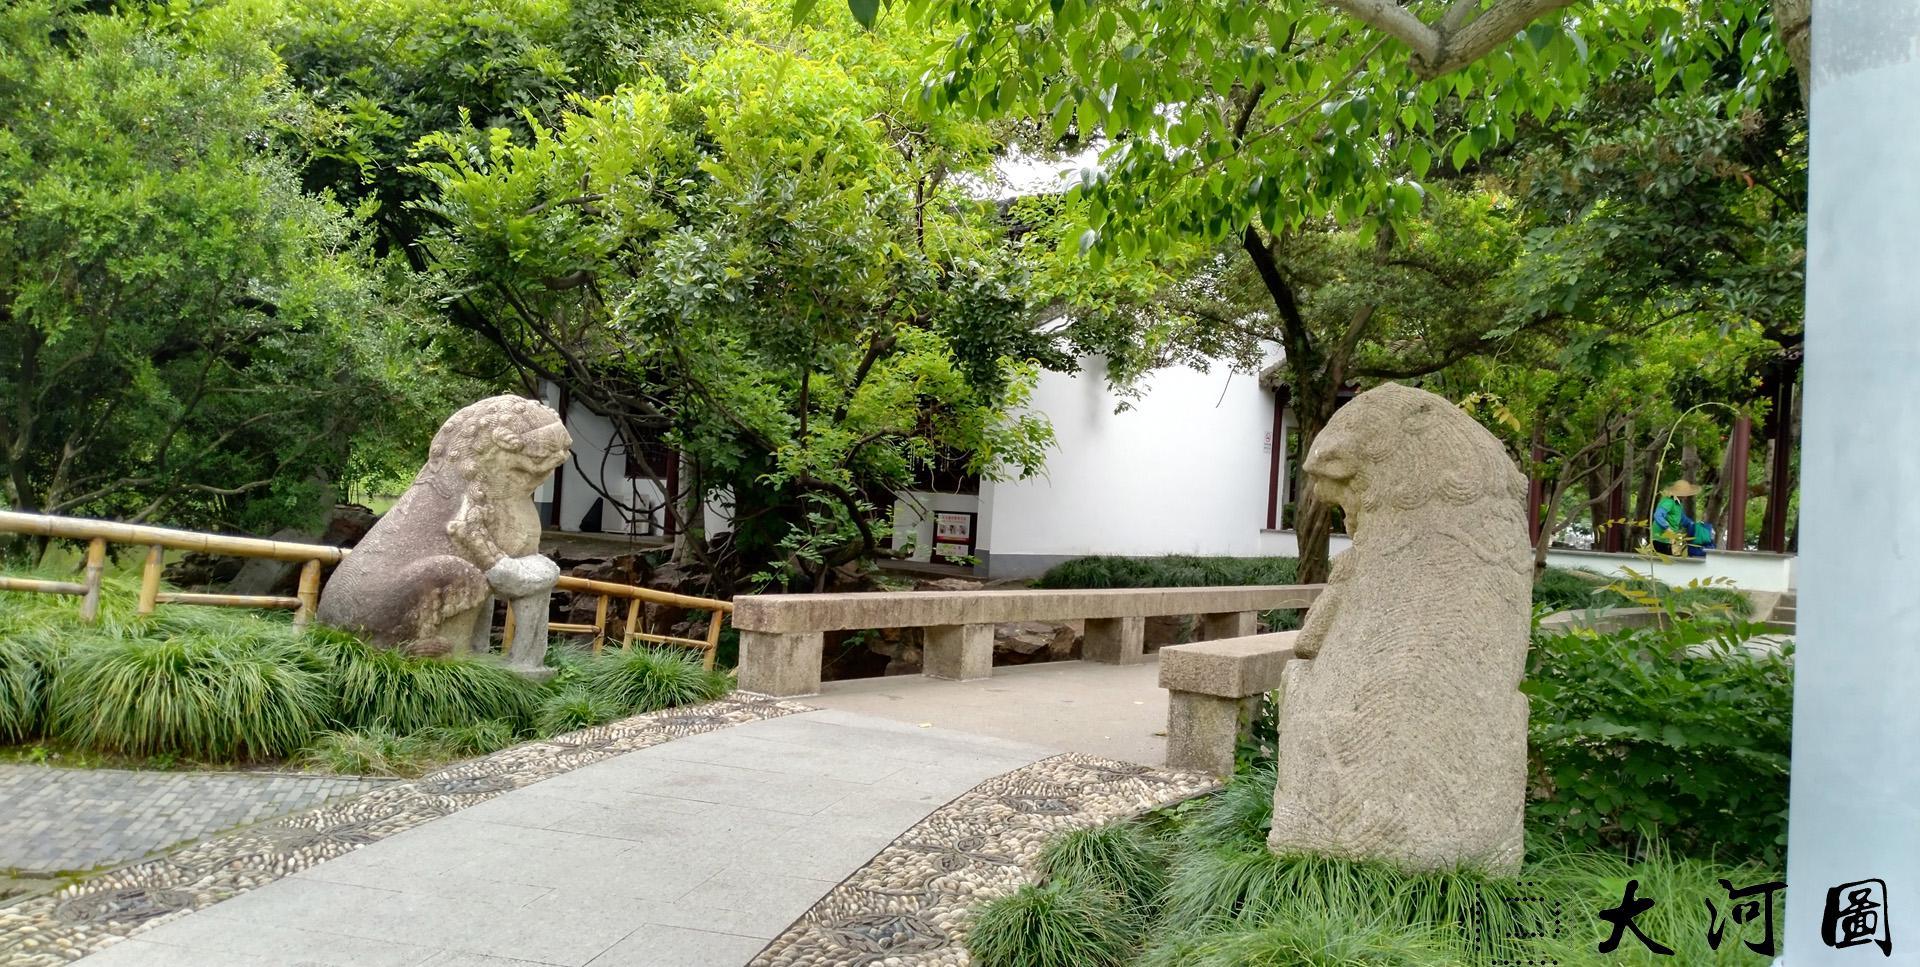 太仓弇山园石刻书法碑 石狮子 墨妙亭 这里是太仓 摄影 第4张